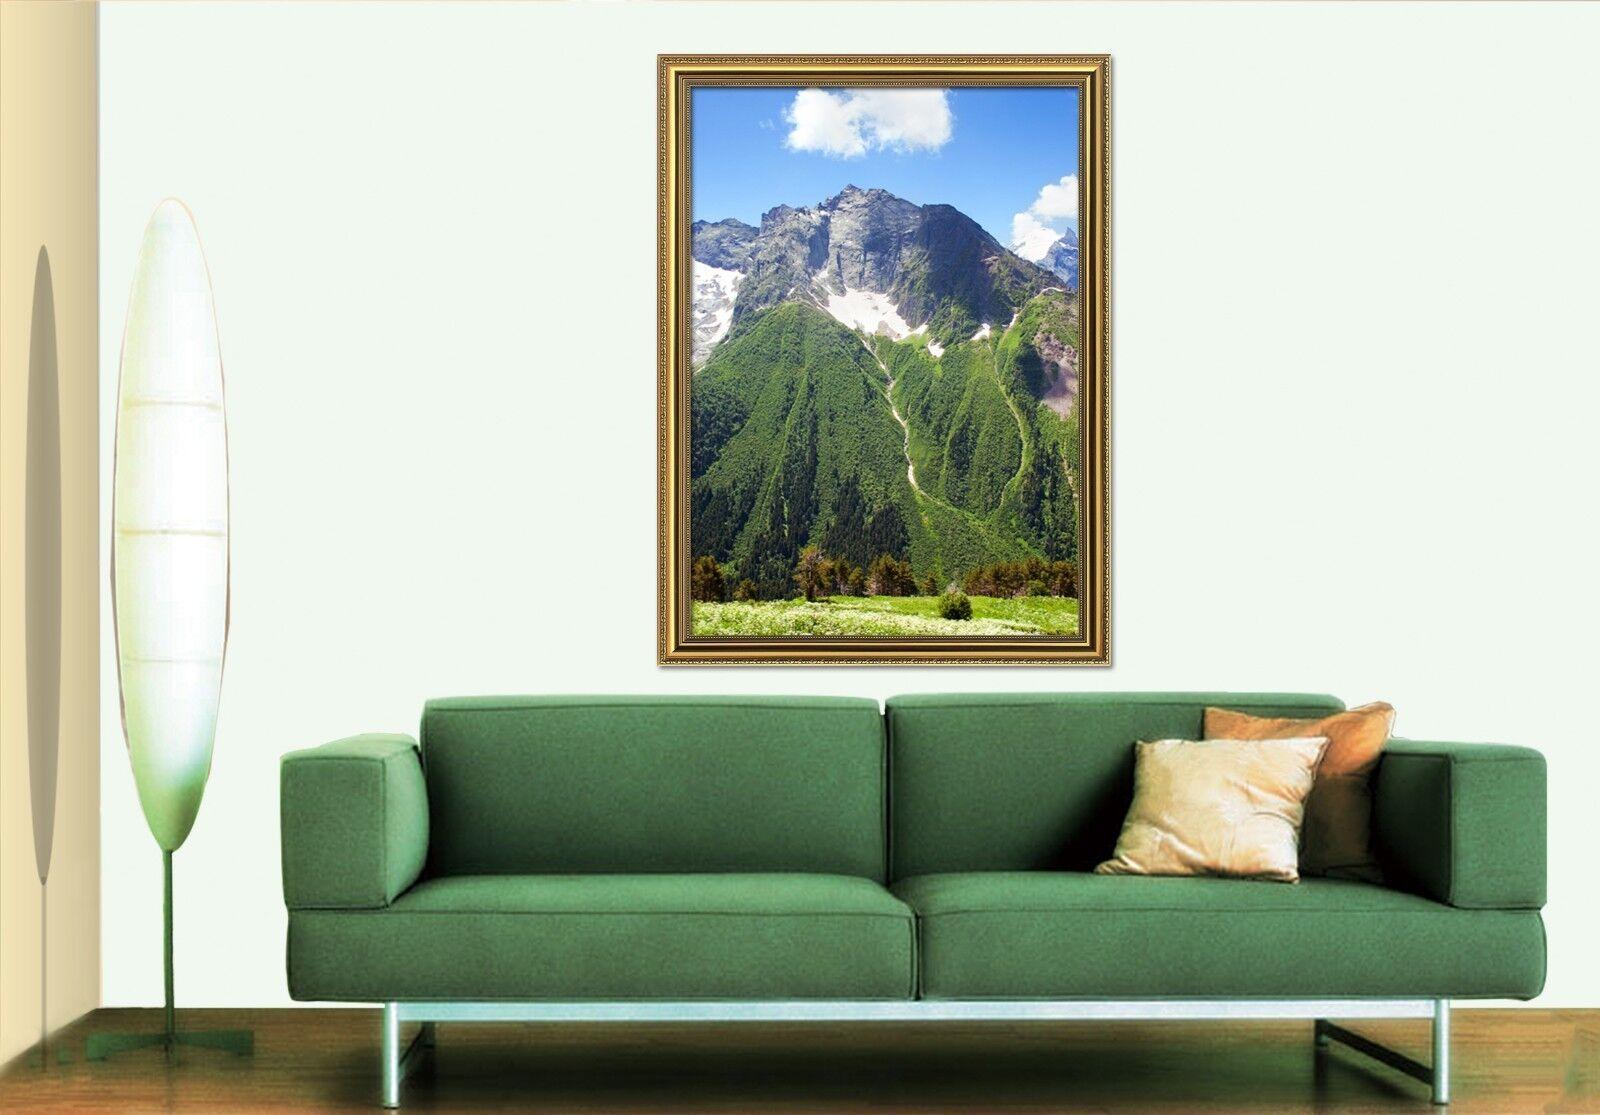 3D Mountain Forest 6 Framed affiche accueil Decor impression Painting Art AJ AU